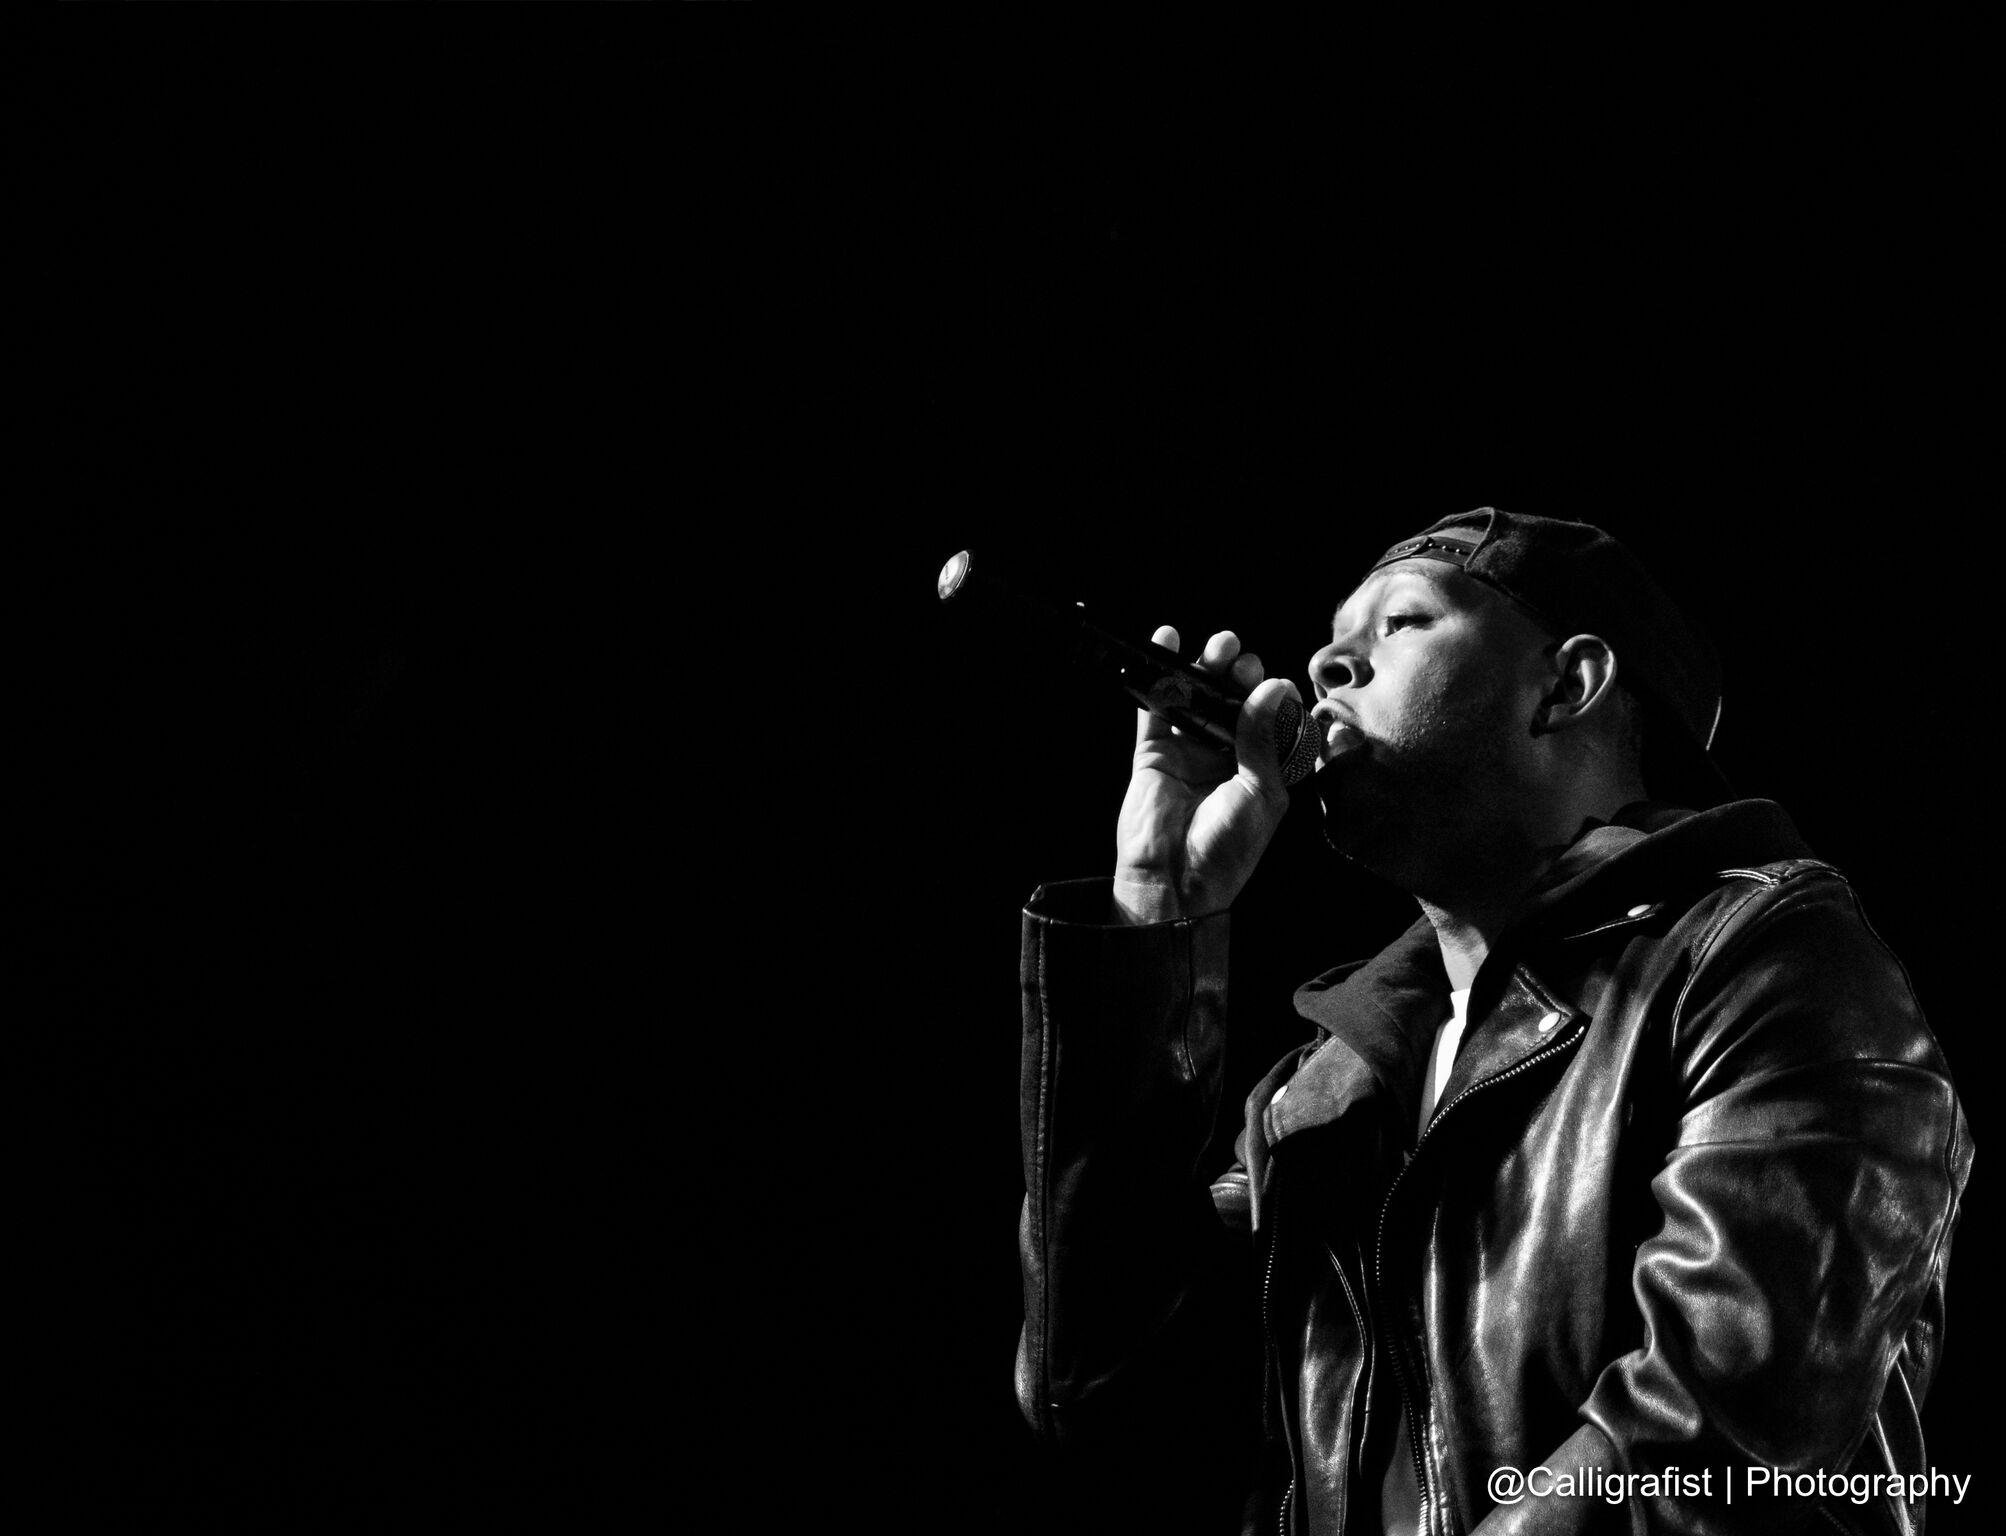 Capitał x Rel Carter Tour - @Calligrafist